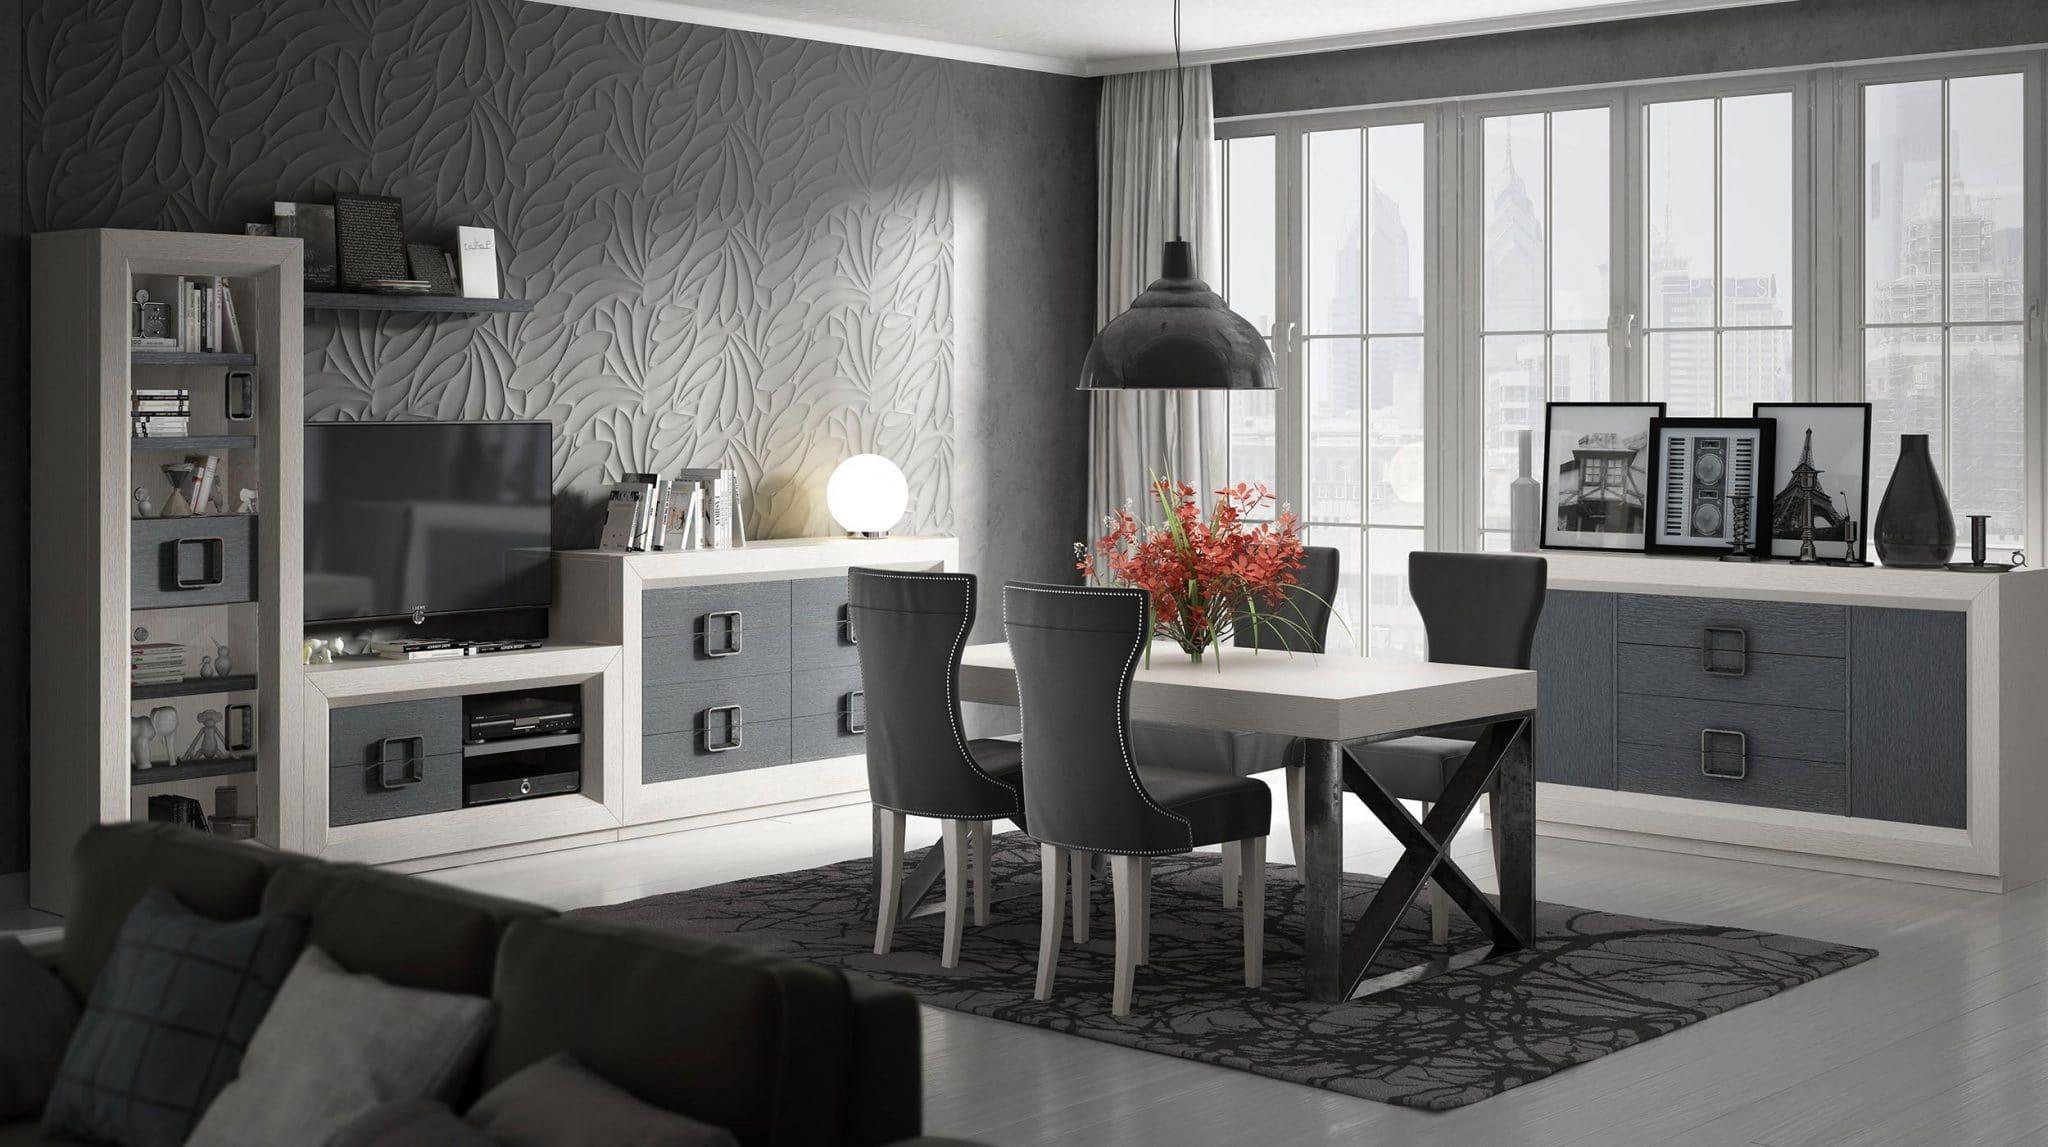 Muebles ogaru decoraci n interiorismo de calidad - Donde estudiar interiorismo ...